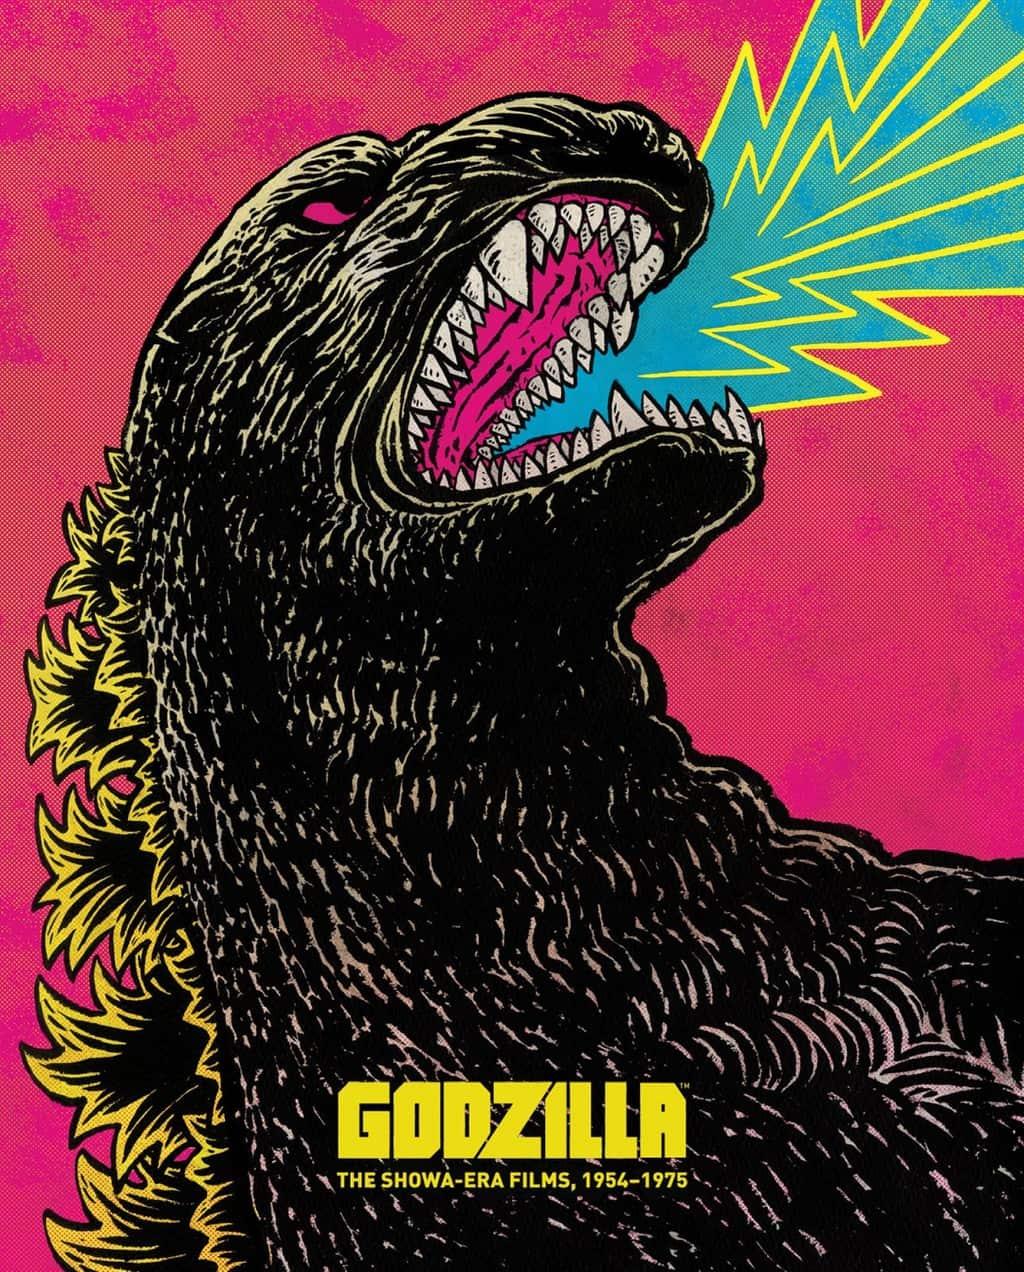 Godzilla: The Showa-Era Films, 1954-1975 box set - £180